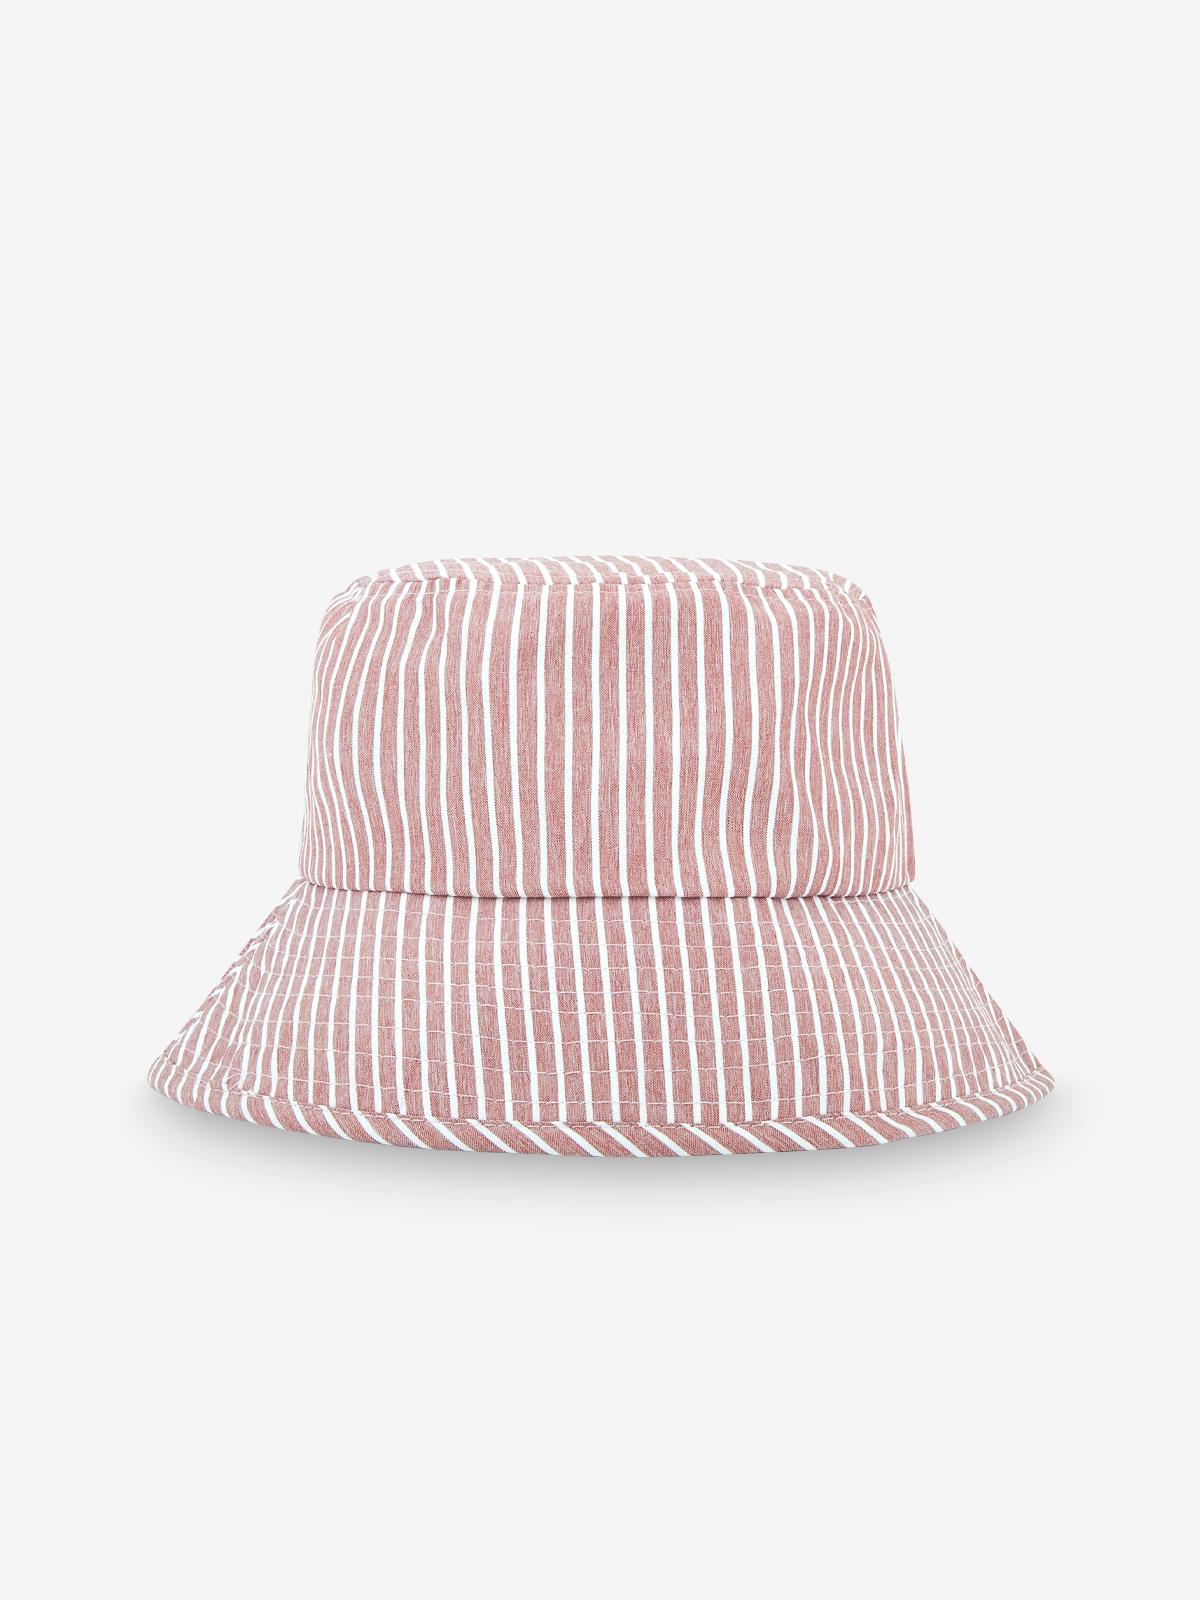 Striped Bucket Hat Pink